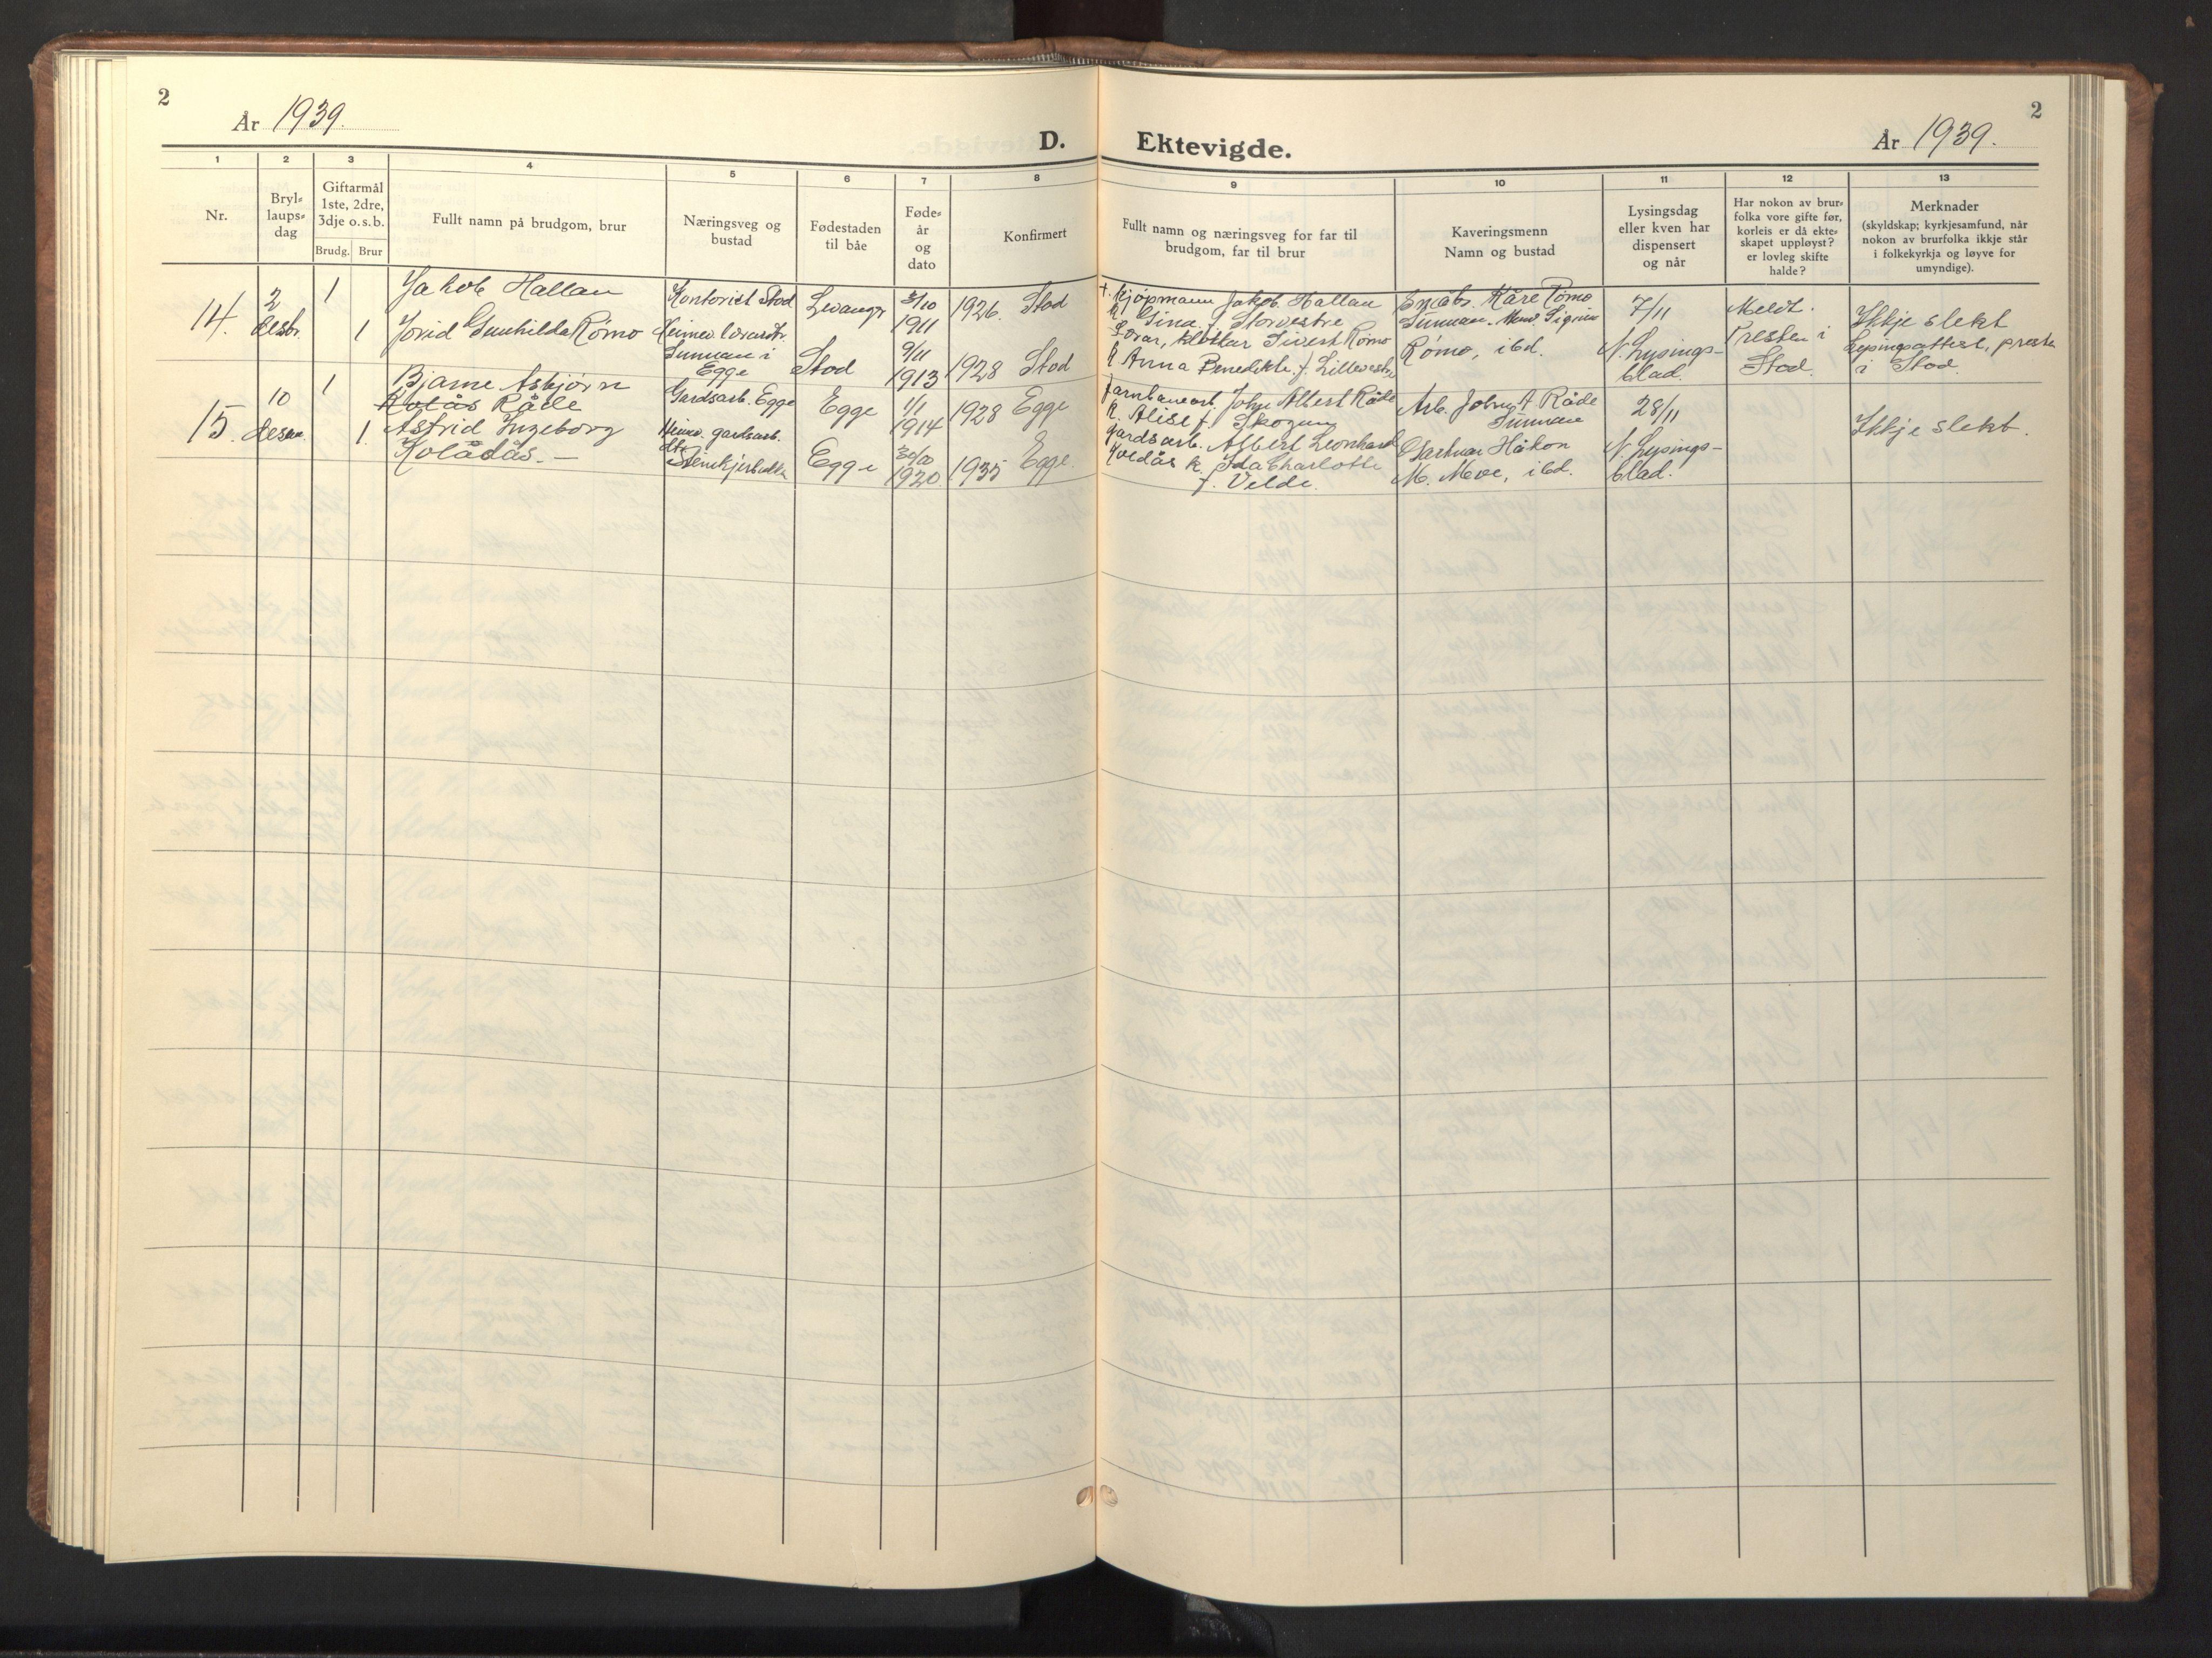 SAT, Ministerialprotokoller, klokkerbøker og fødselsregistre - Nord-Trøndelag, 740/L0384: Klokkerbok nr. 740C05, 1939-1946, s. 2